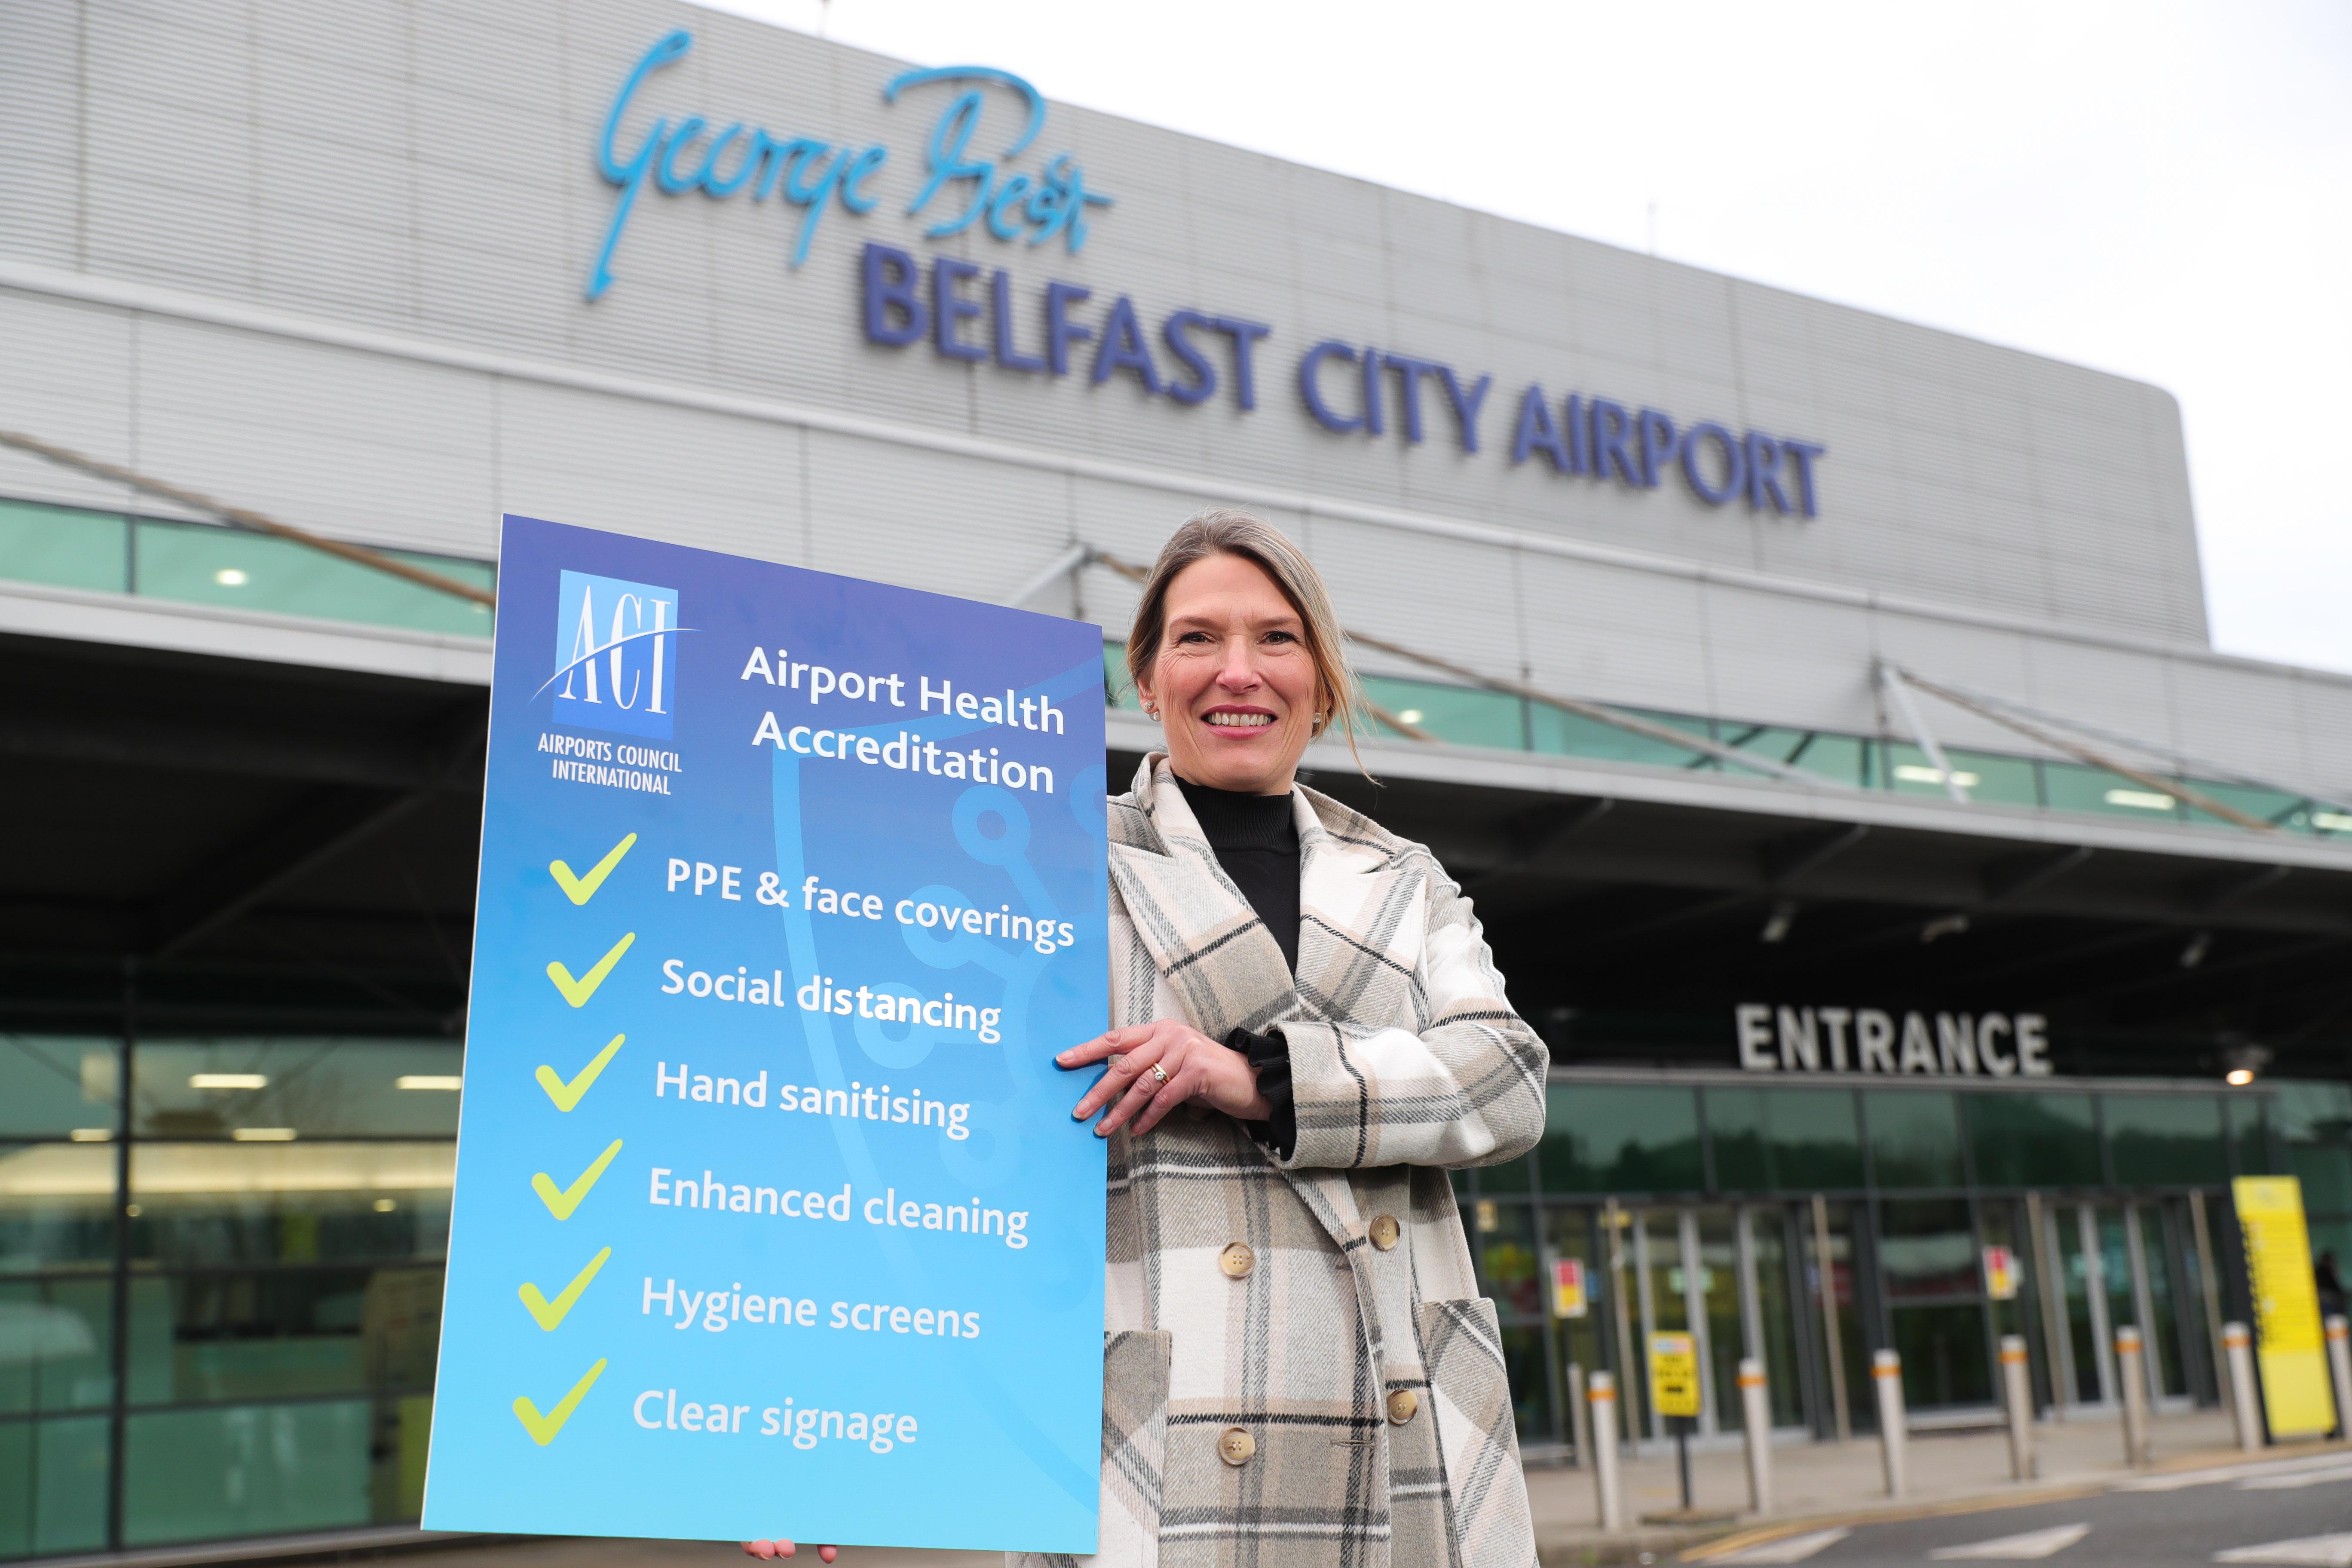 Belfast City Airport